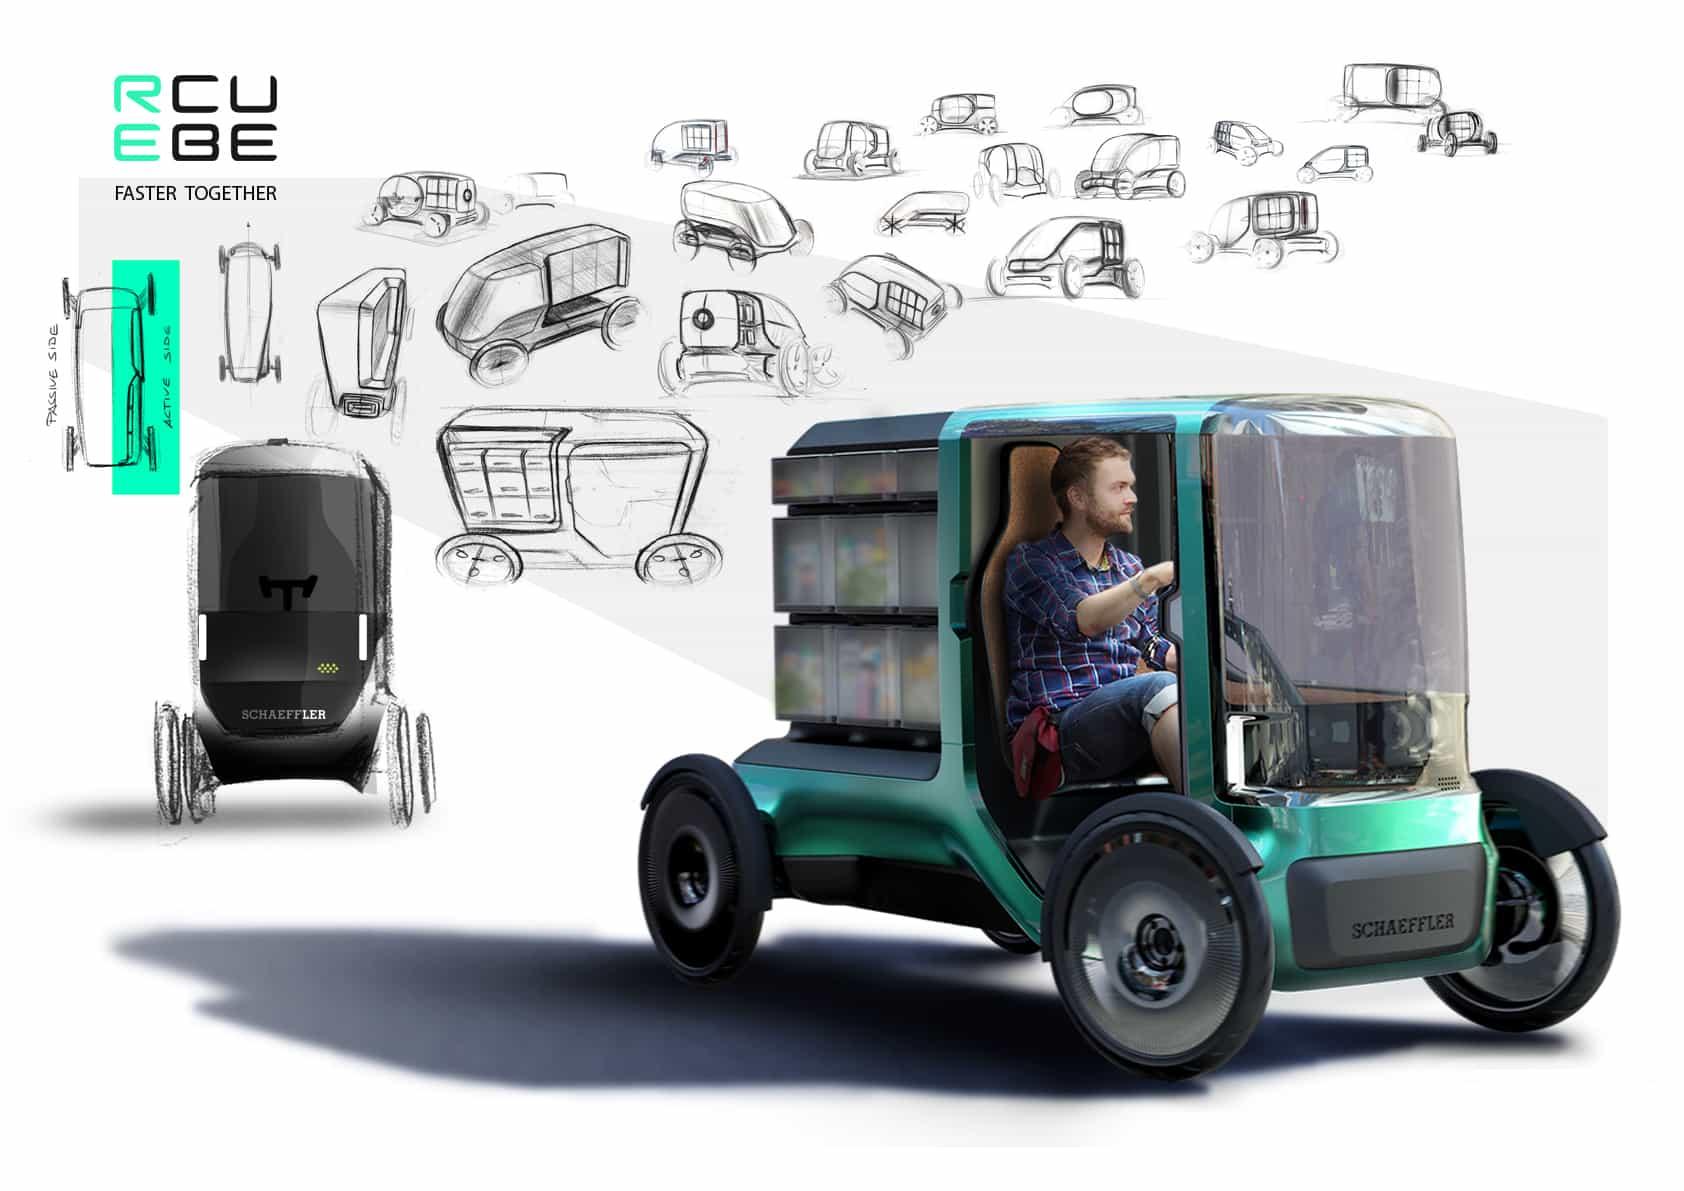 Skizzen eines Autos im Hintergrund und das engültige Fahrzeug im Vordergrund.